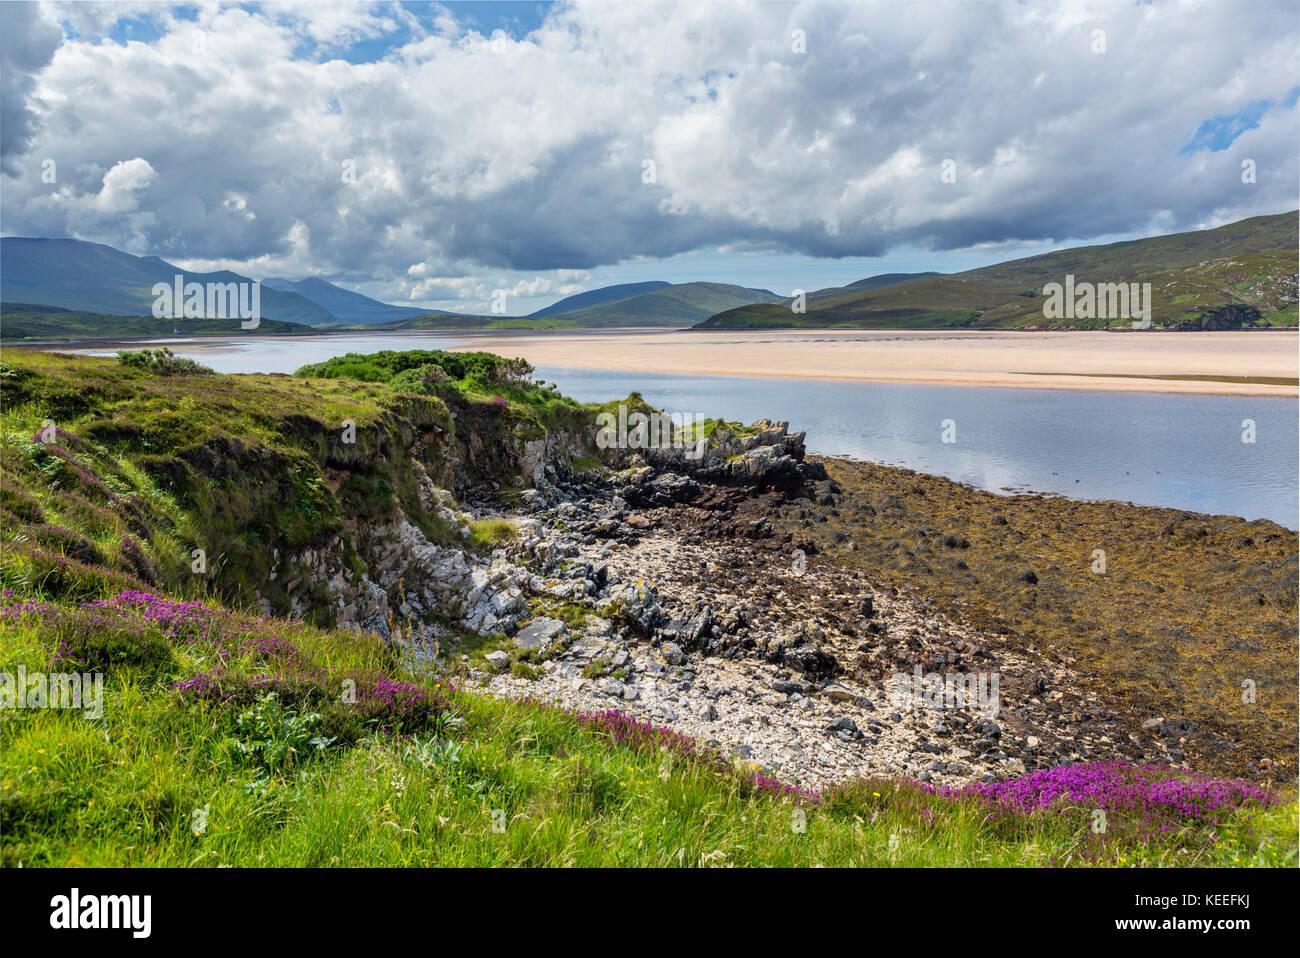 Kyle of Durness, near Keoldale on the North Coast 500, Sutherland, Scottish Highlands, Scotland, UK - Stock Image